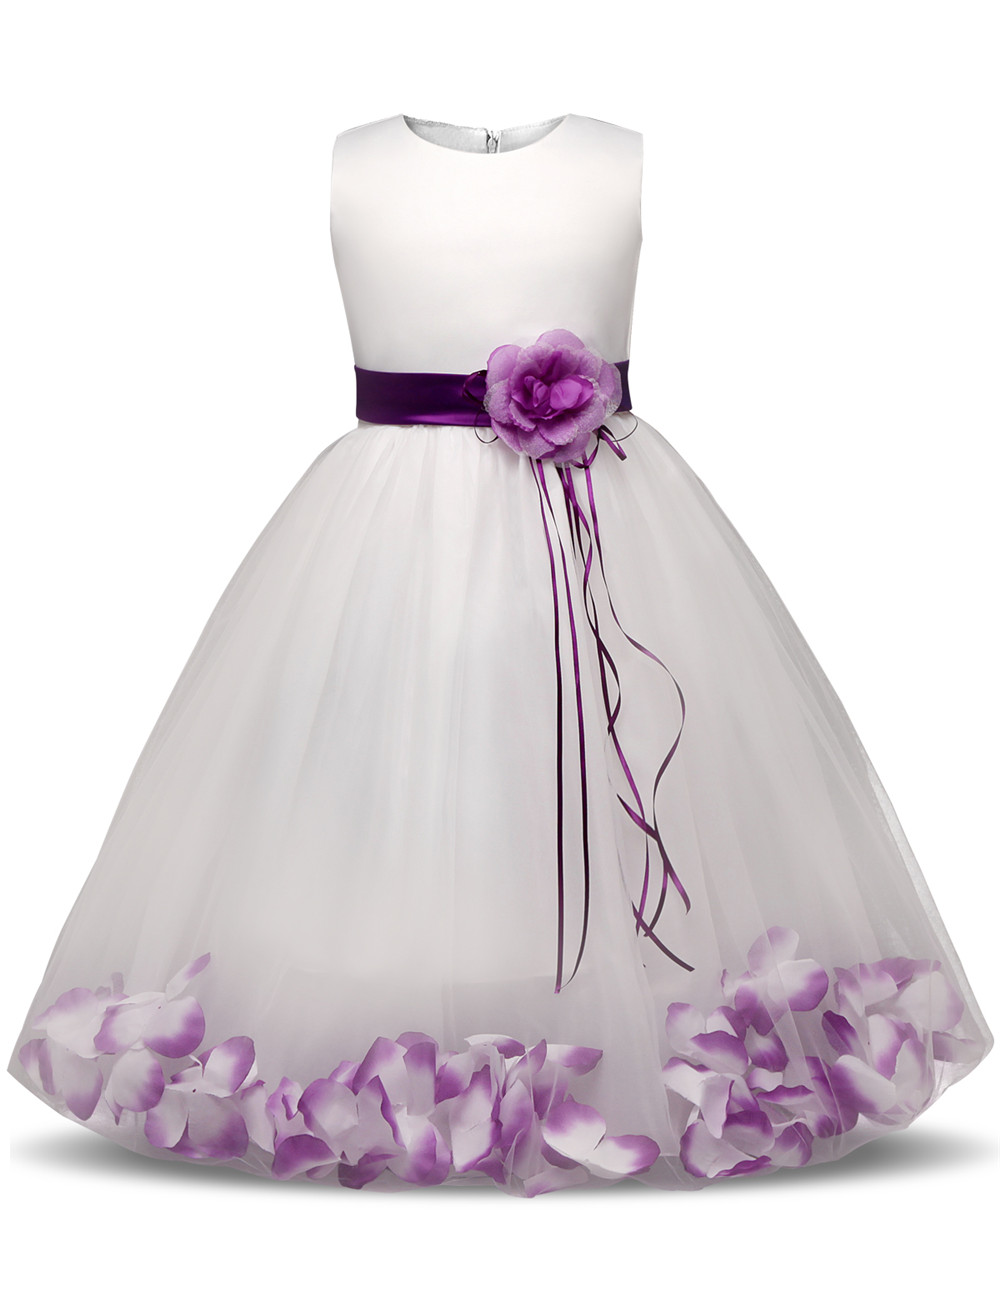 Winter Weding Flower Girl Dreses 01 - Winter Weding Flower Girl Dreses